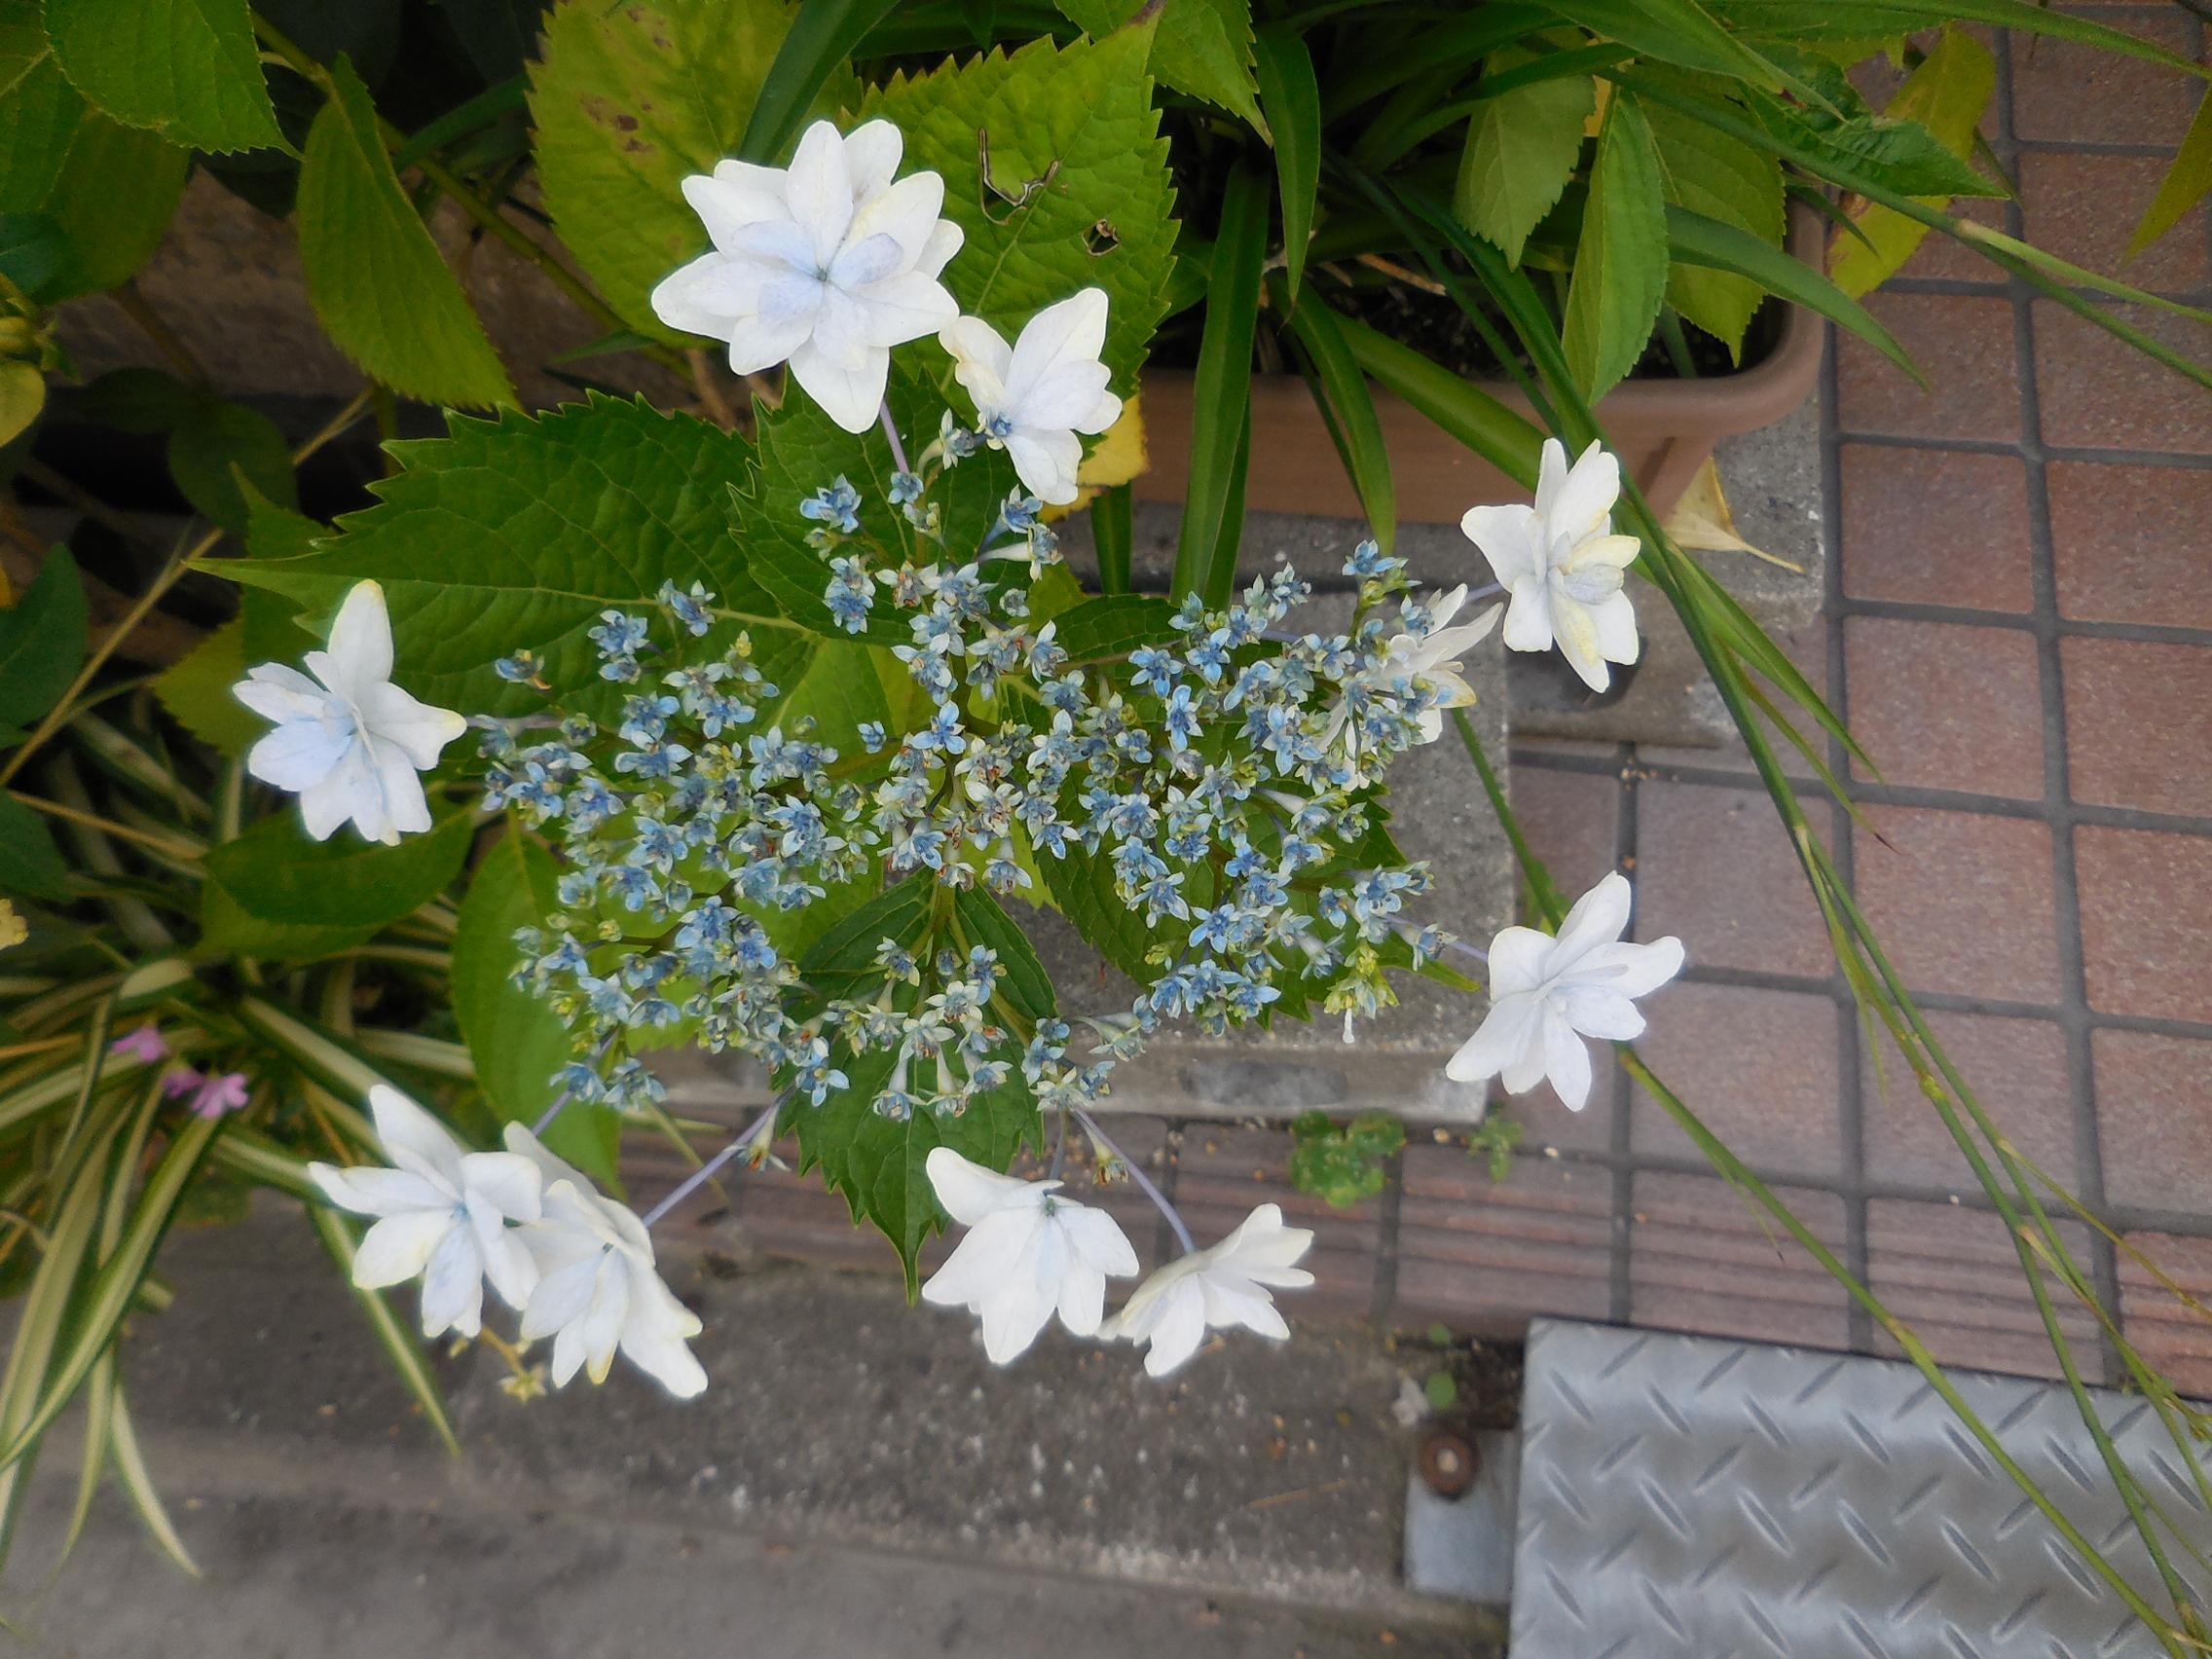 http://www.ige.tohoku.ac.jp/mirai/news/upload_items/201406/DSCN2815.JPG